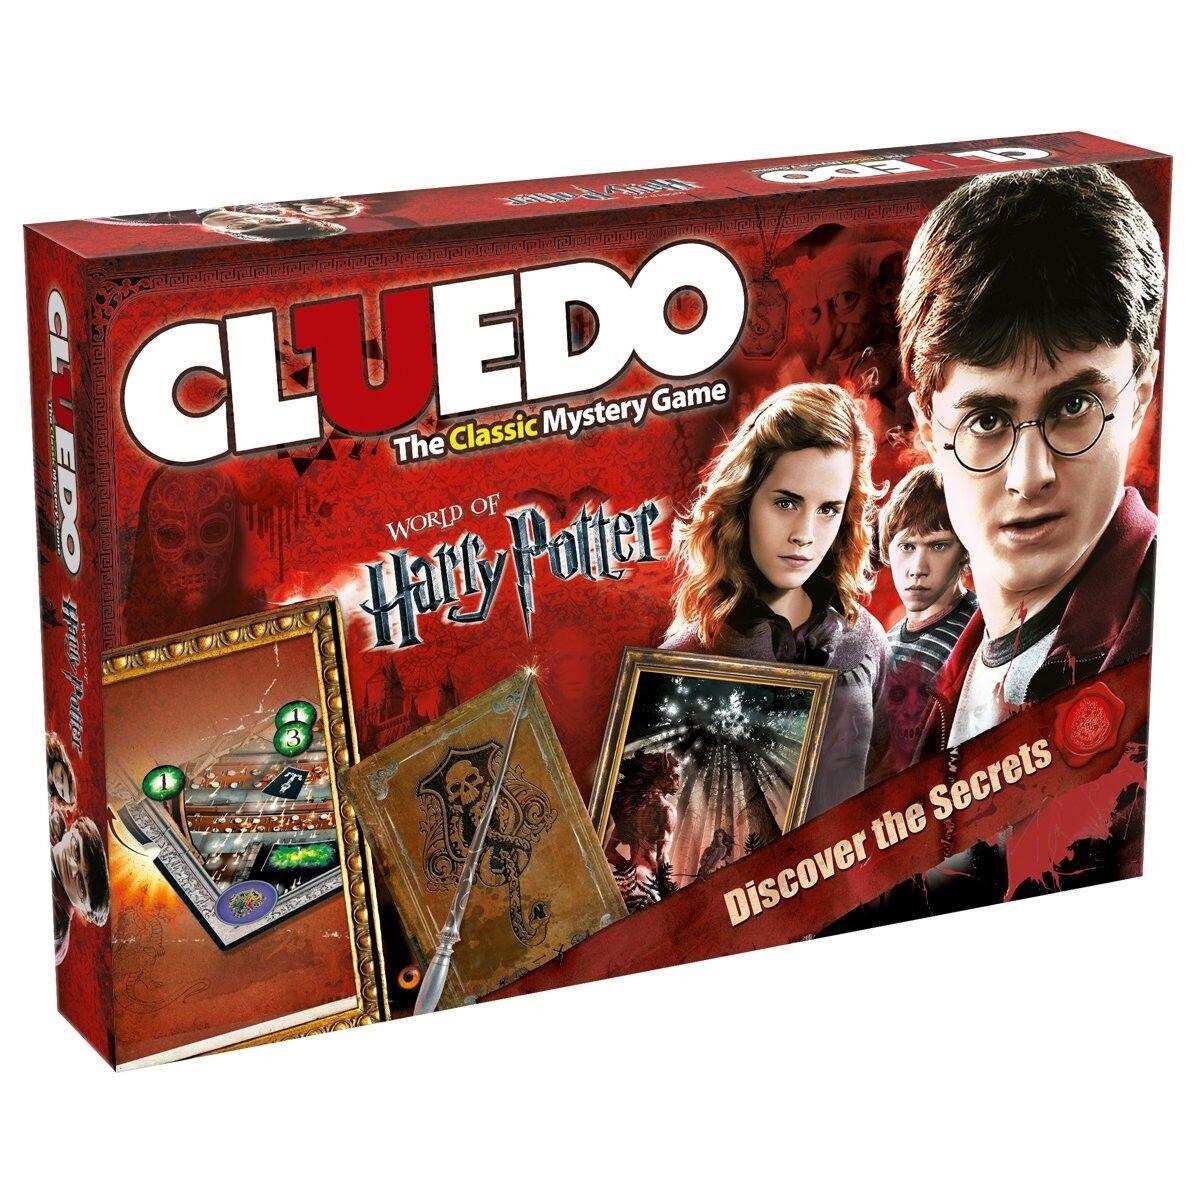 CLUEDO CLUEDO CLUEDO HARRY POTTER gioco da Tavolo Gioco tavola gioco Gioco Inglese inglese NUOVO nuovo a74094